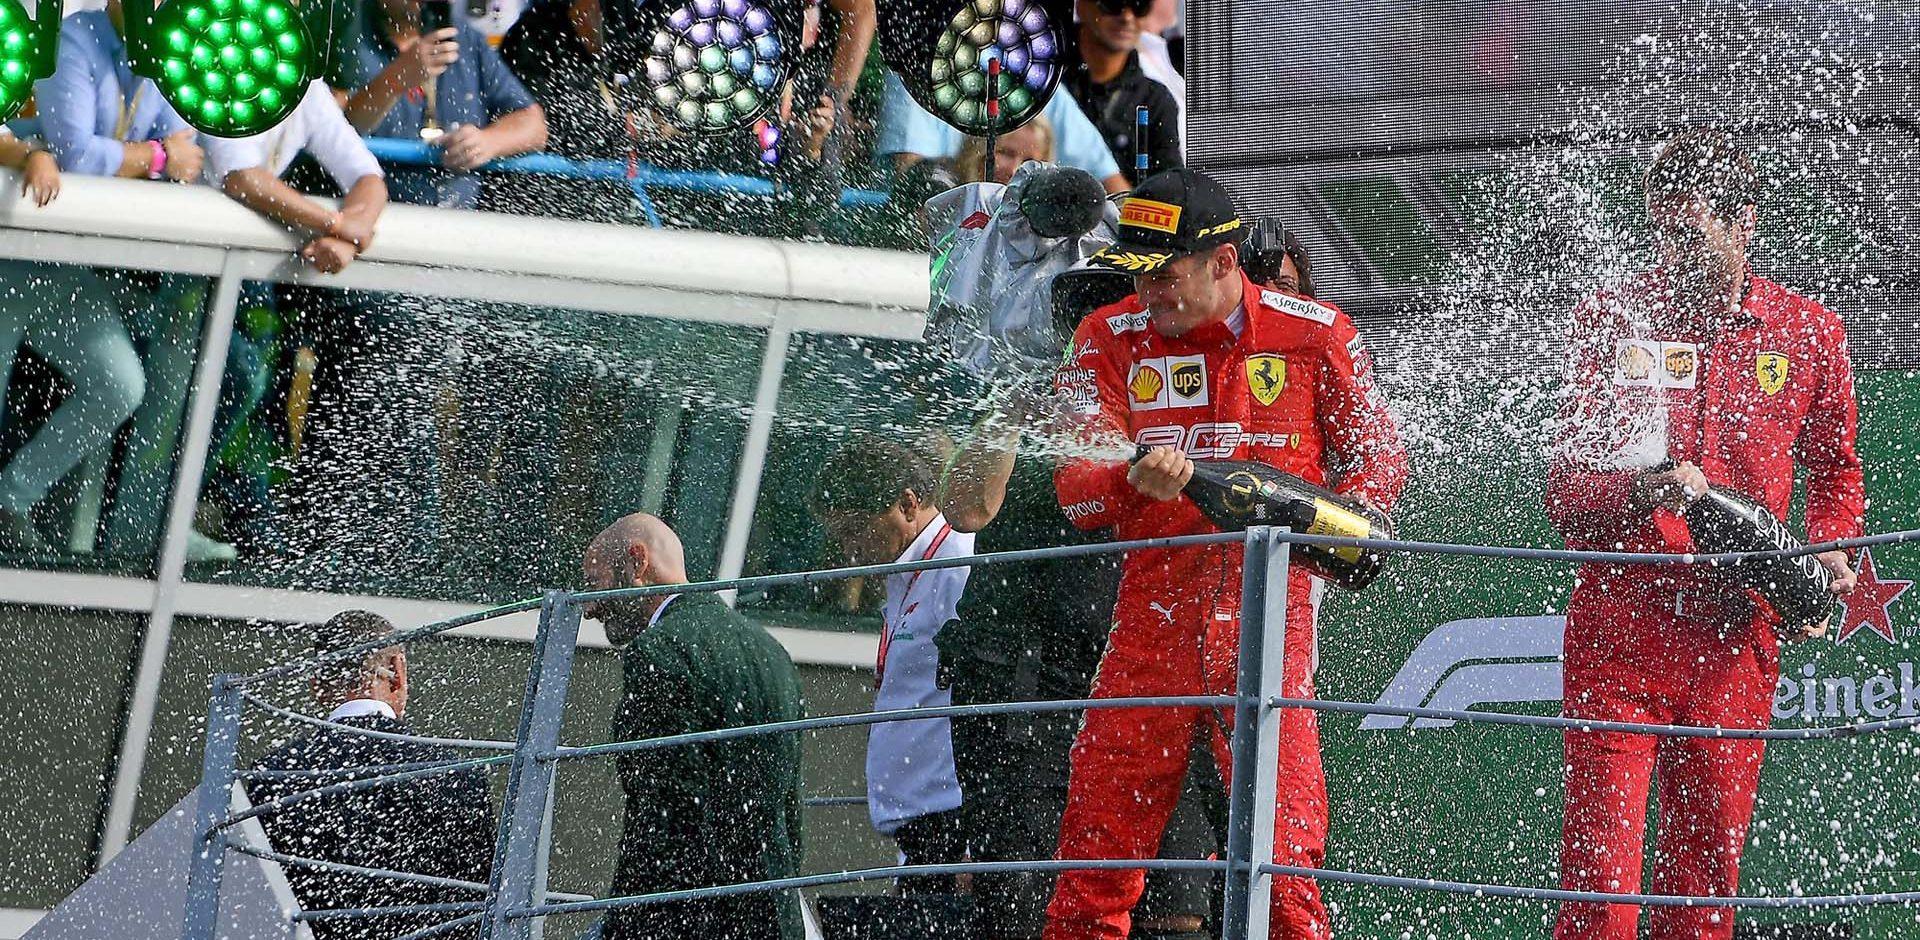 GP ITALIA  F1/2019 -  DOMENICA 08/09/2019   credit: @Scuderia Ferrari Press Office Charles Leclerc Ferrari